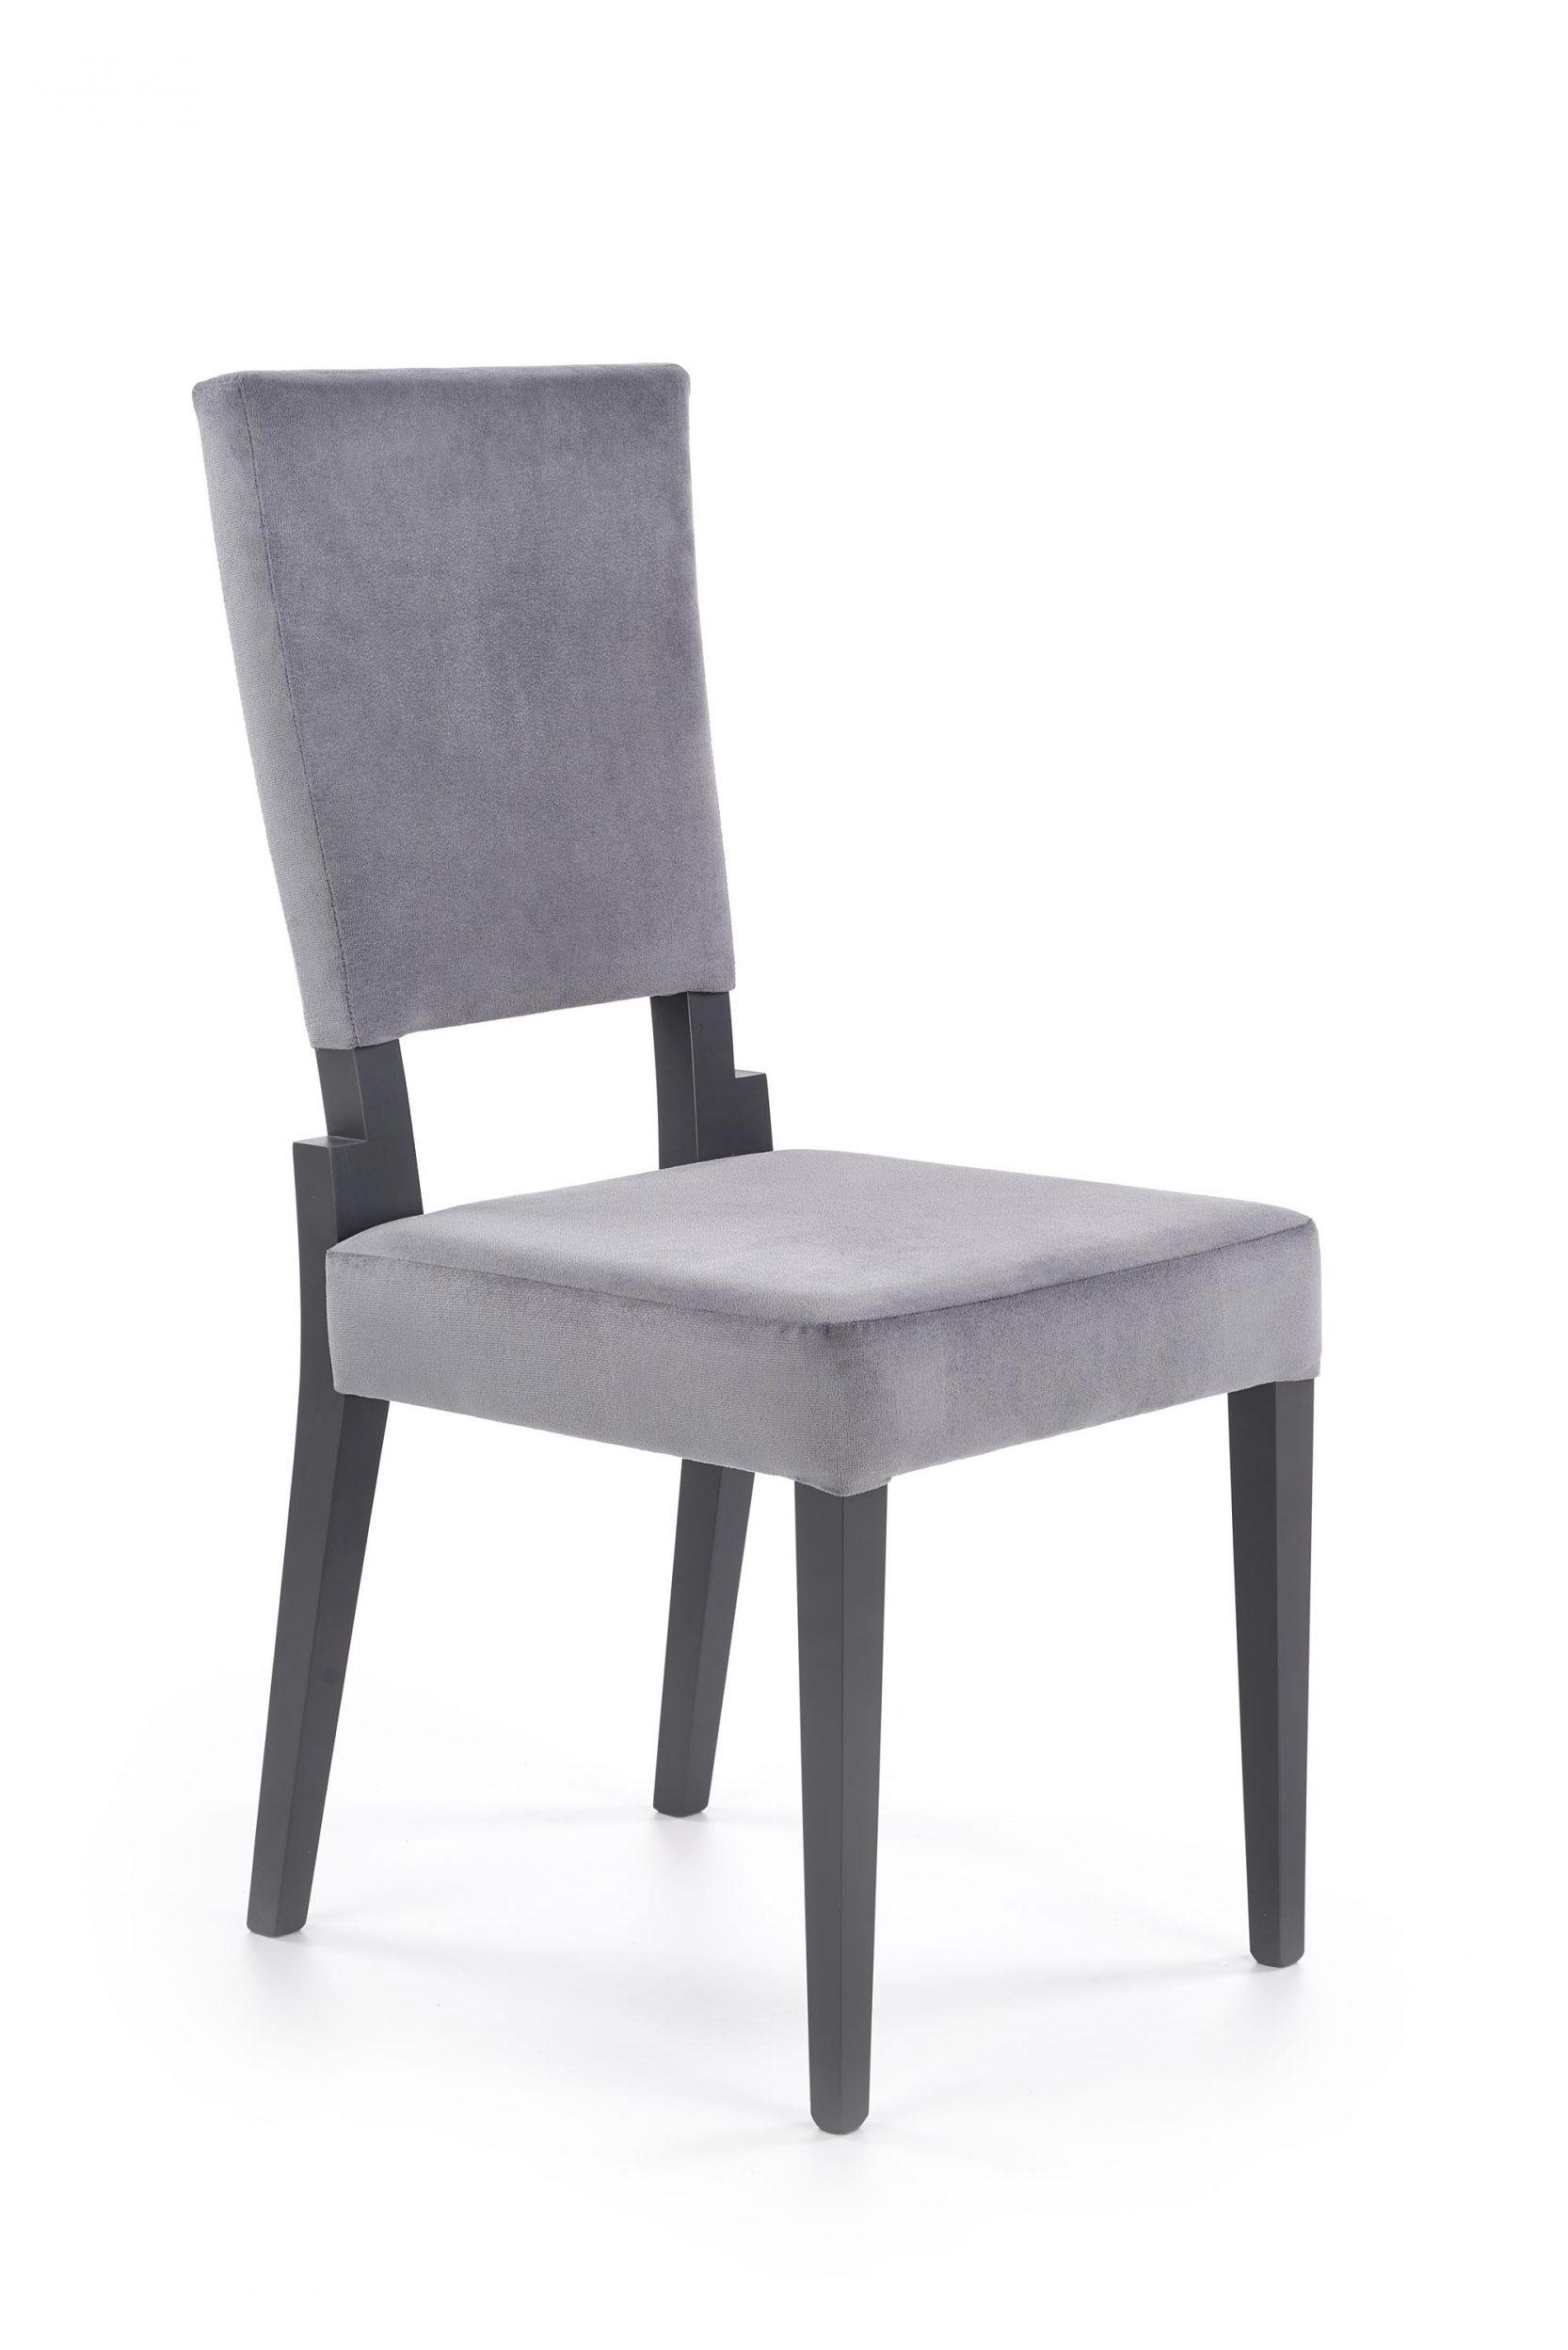 Scaun tapitat cu stofa cu picioare din lemn Sorbus Gri / Grafit l44xA57xH95 cm